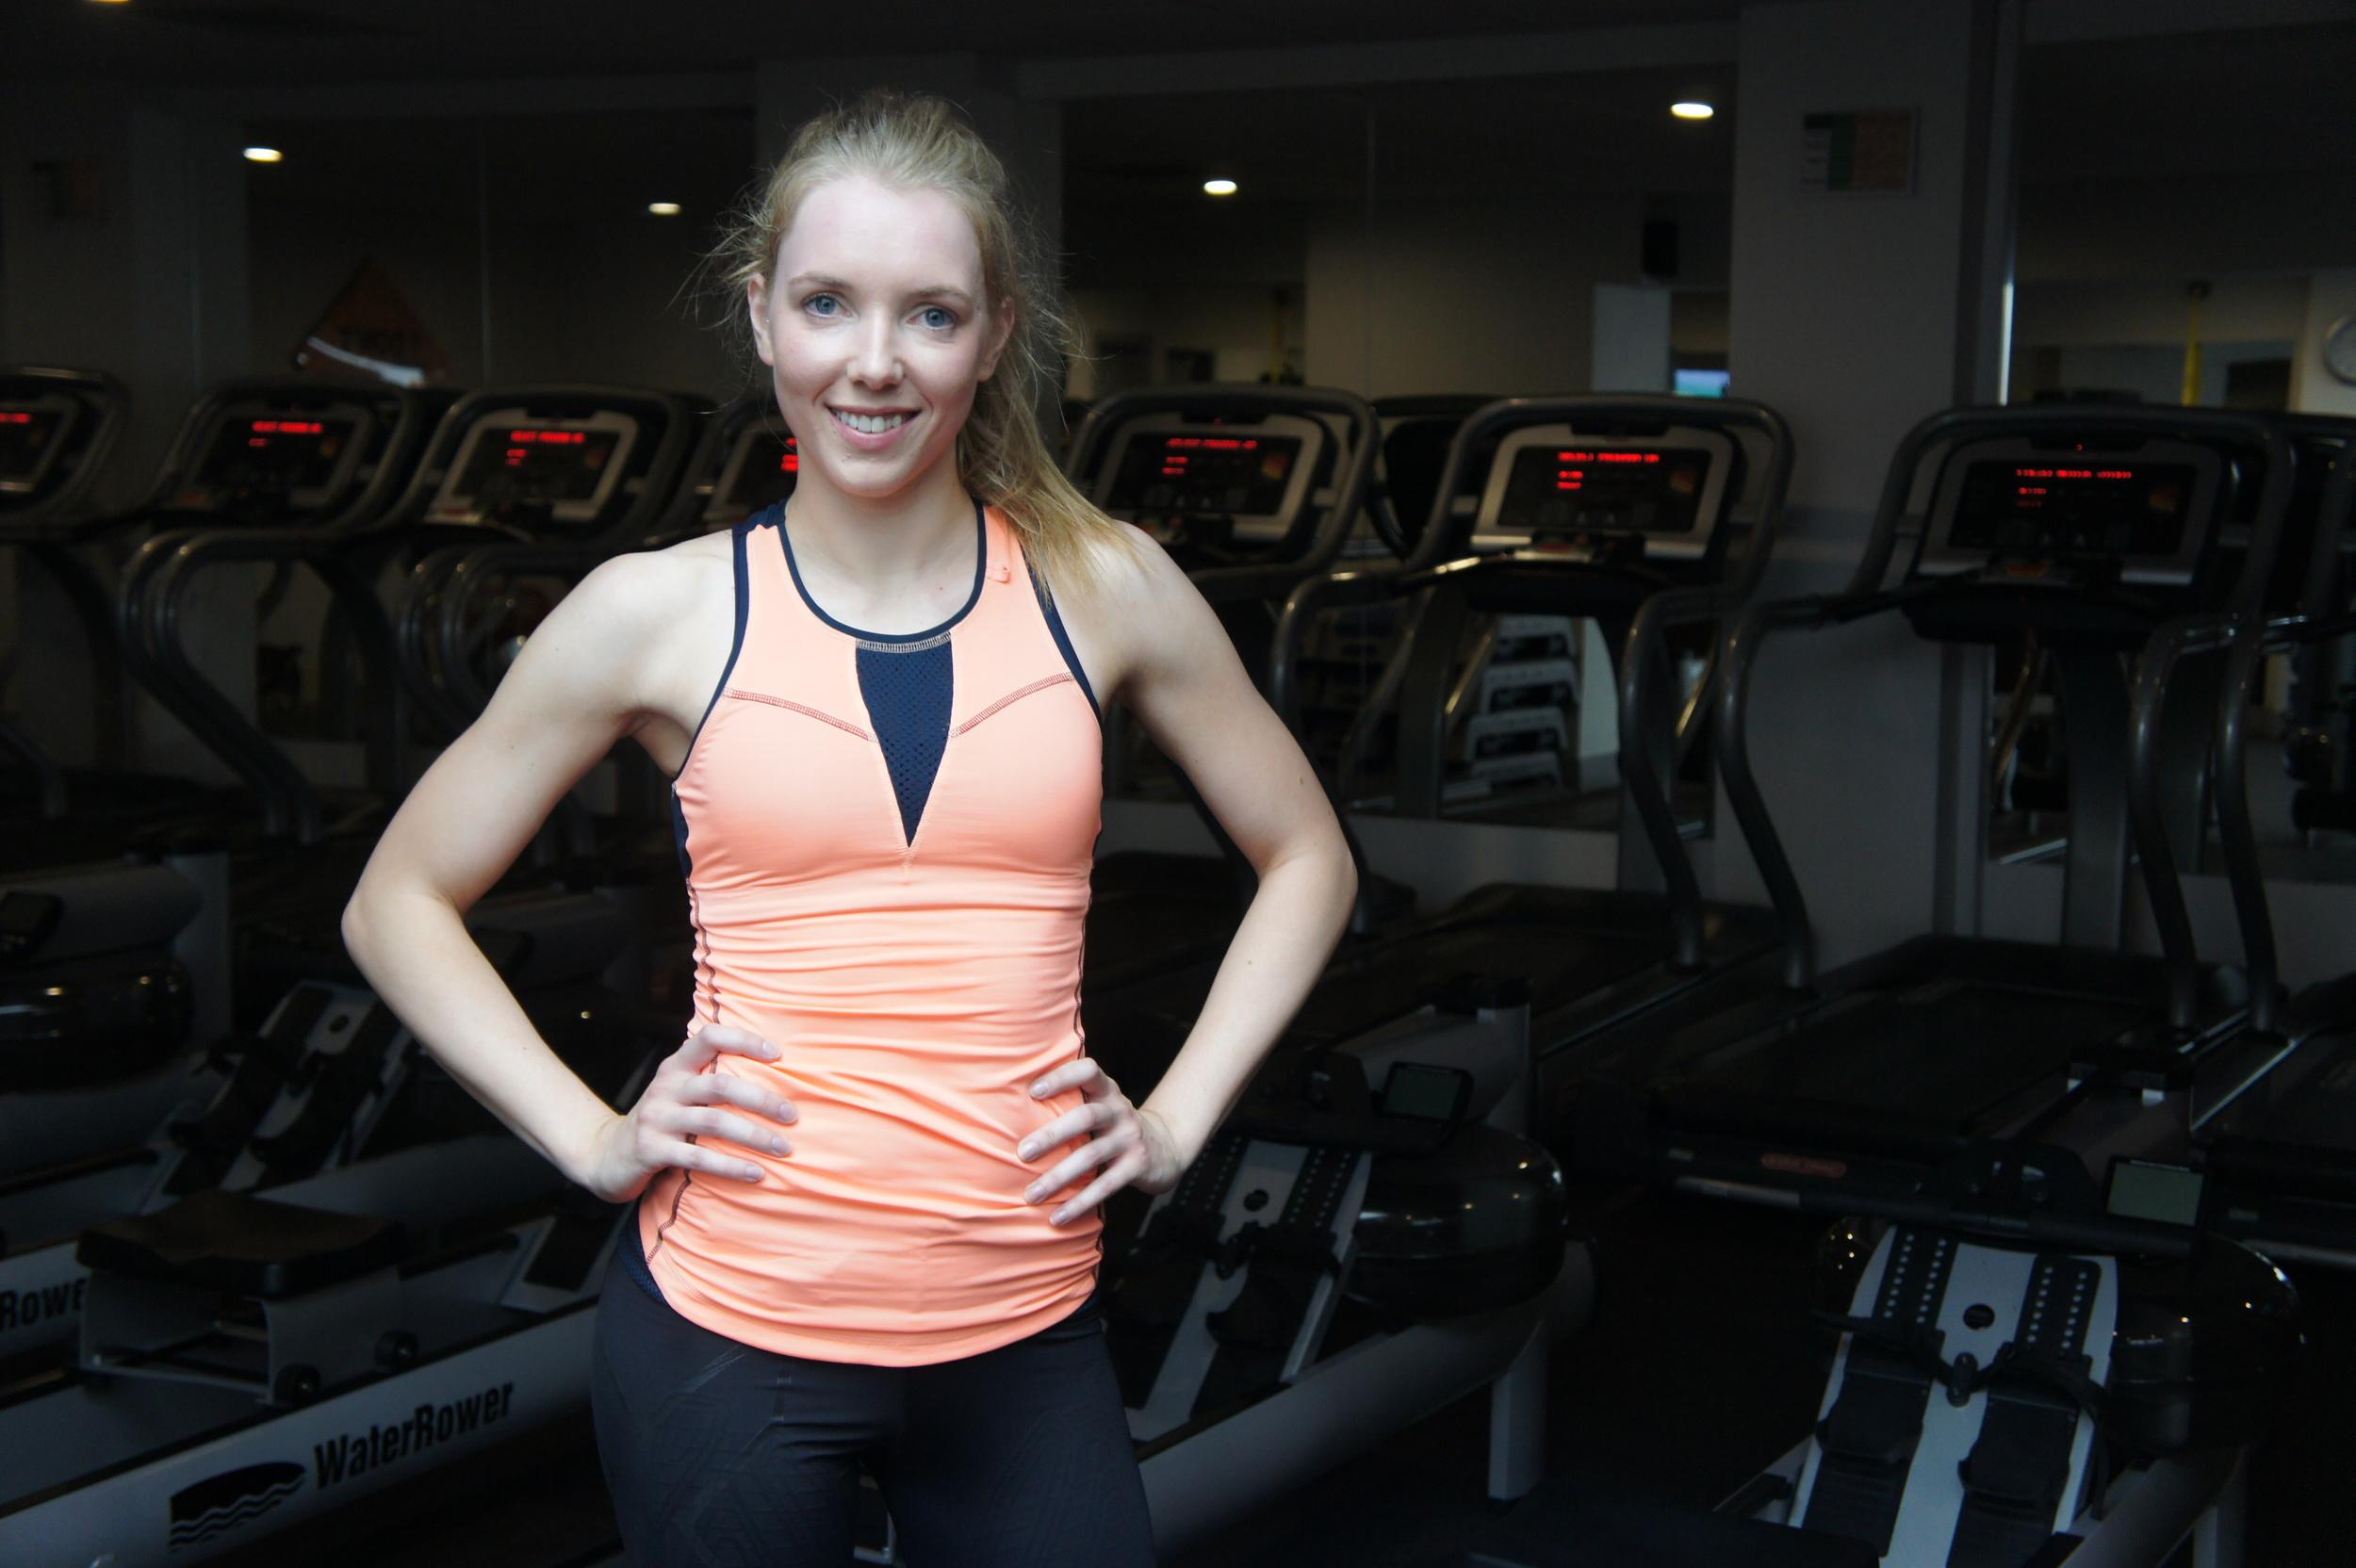 Natalie-Orangetheory-Workout